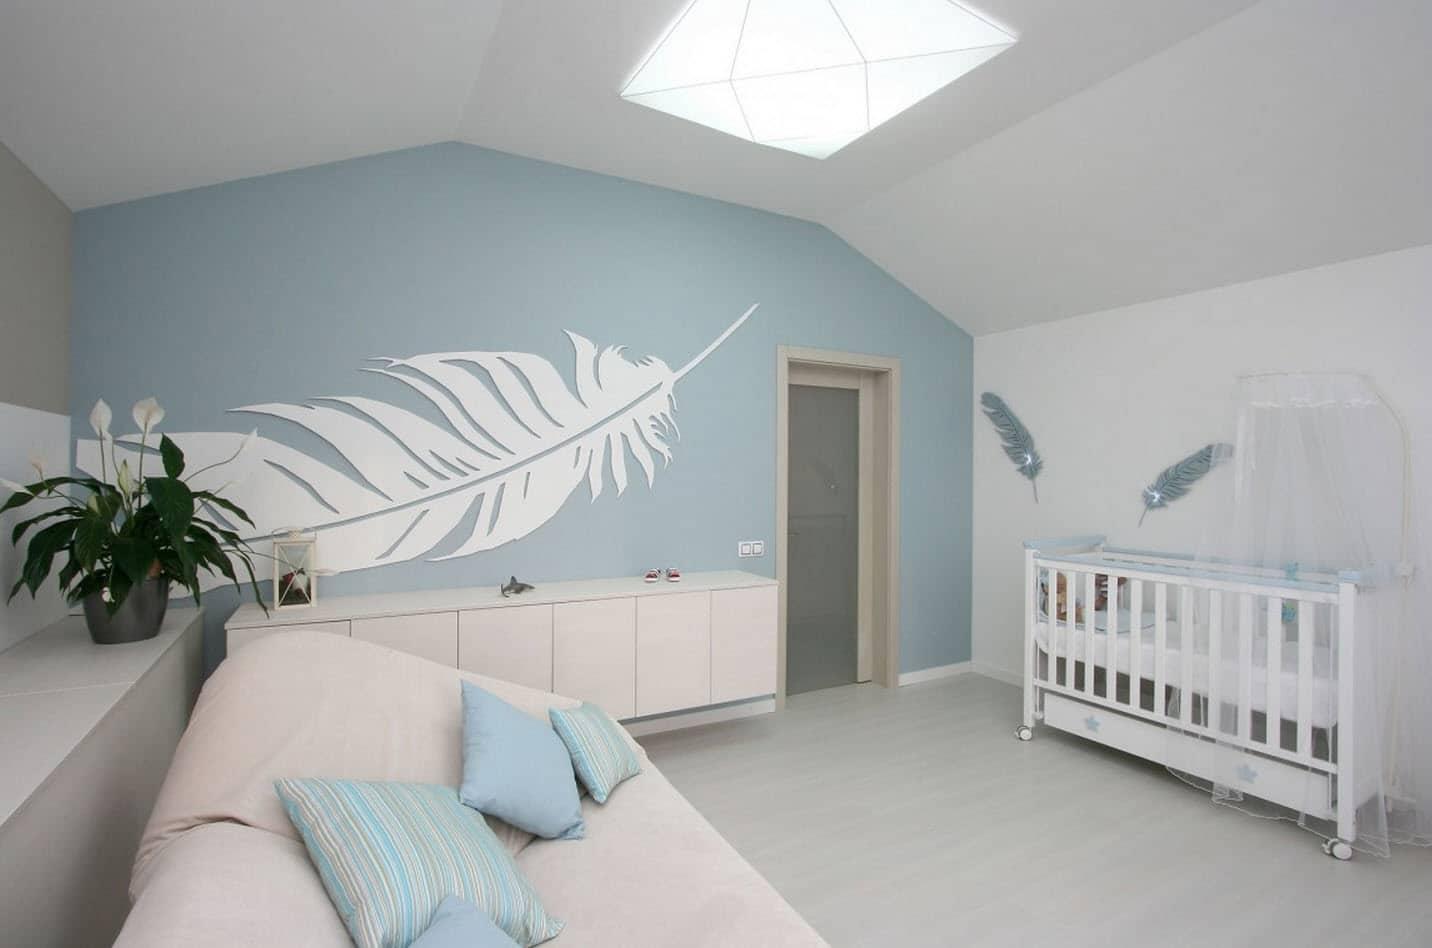 Decoracion interiores dormitorios espejos en el for Decoracion de interiores dormitorios